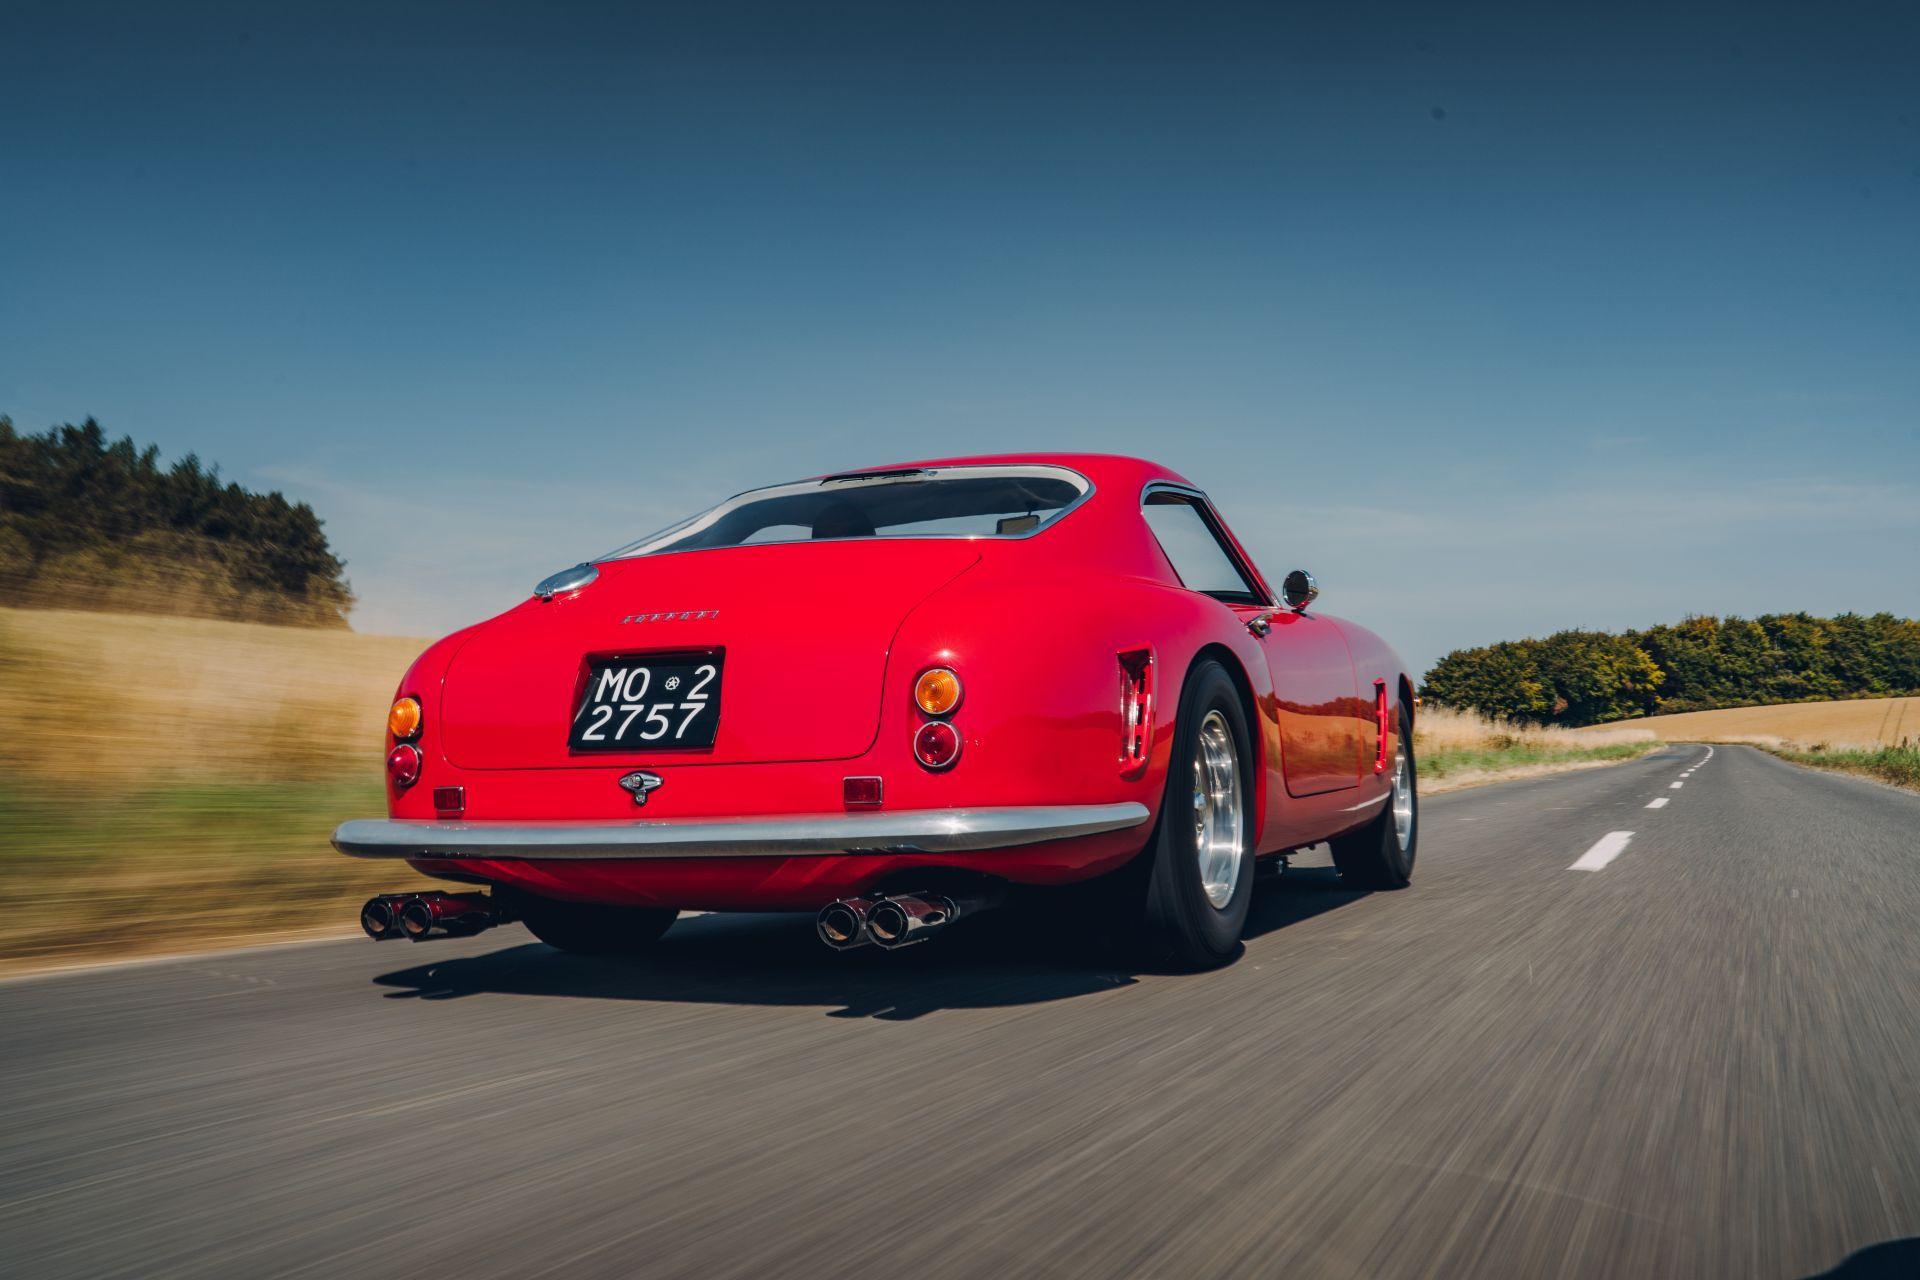 Ferrari-250-GT-SWB-Berlinetta-Competizione-Revival-by-GTO-Engineering-17